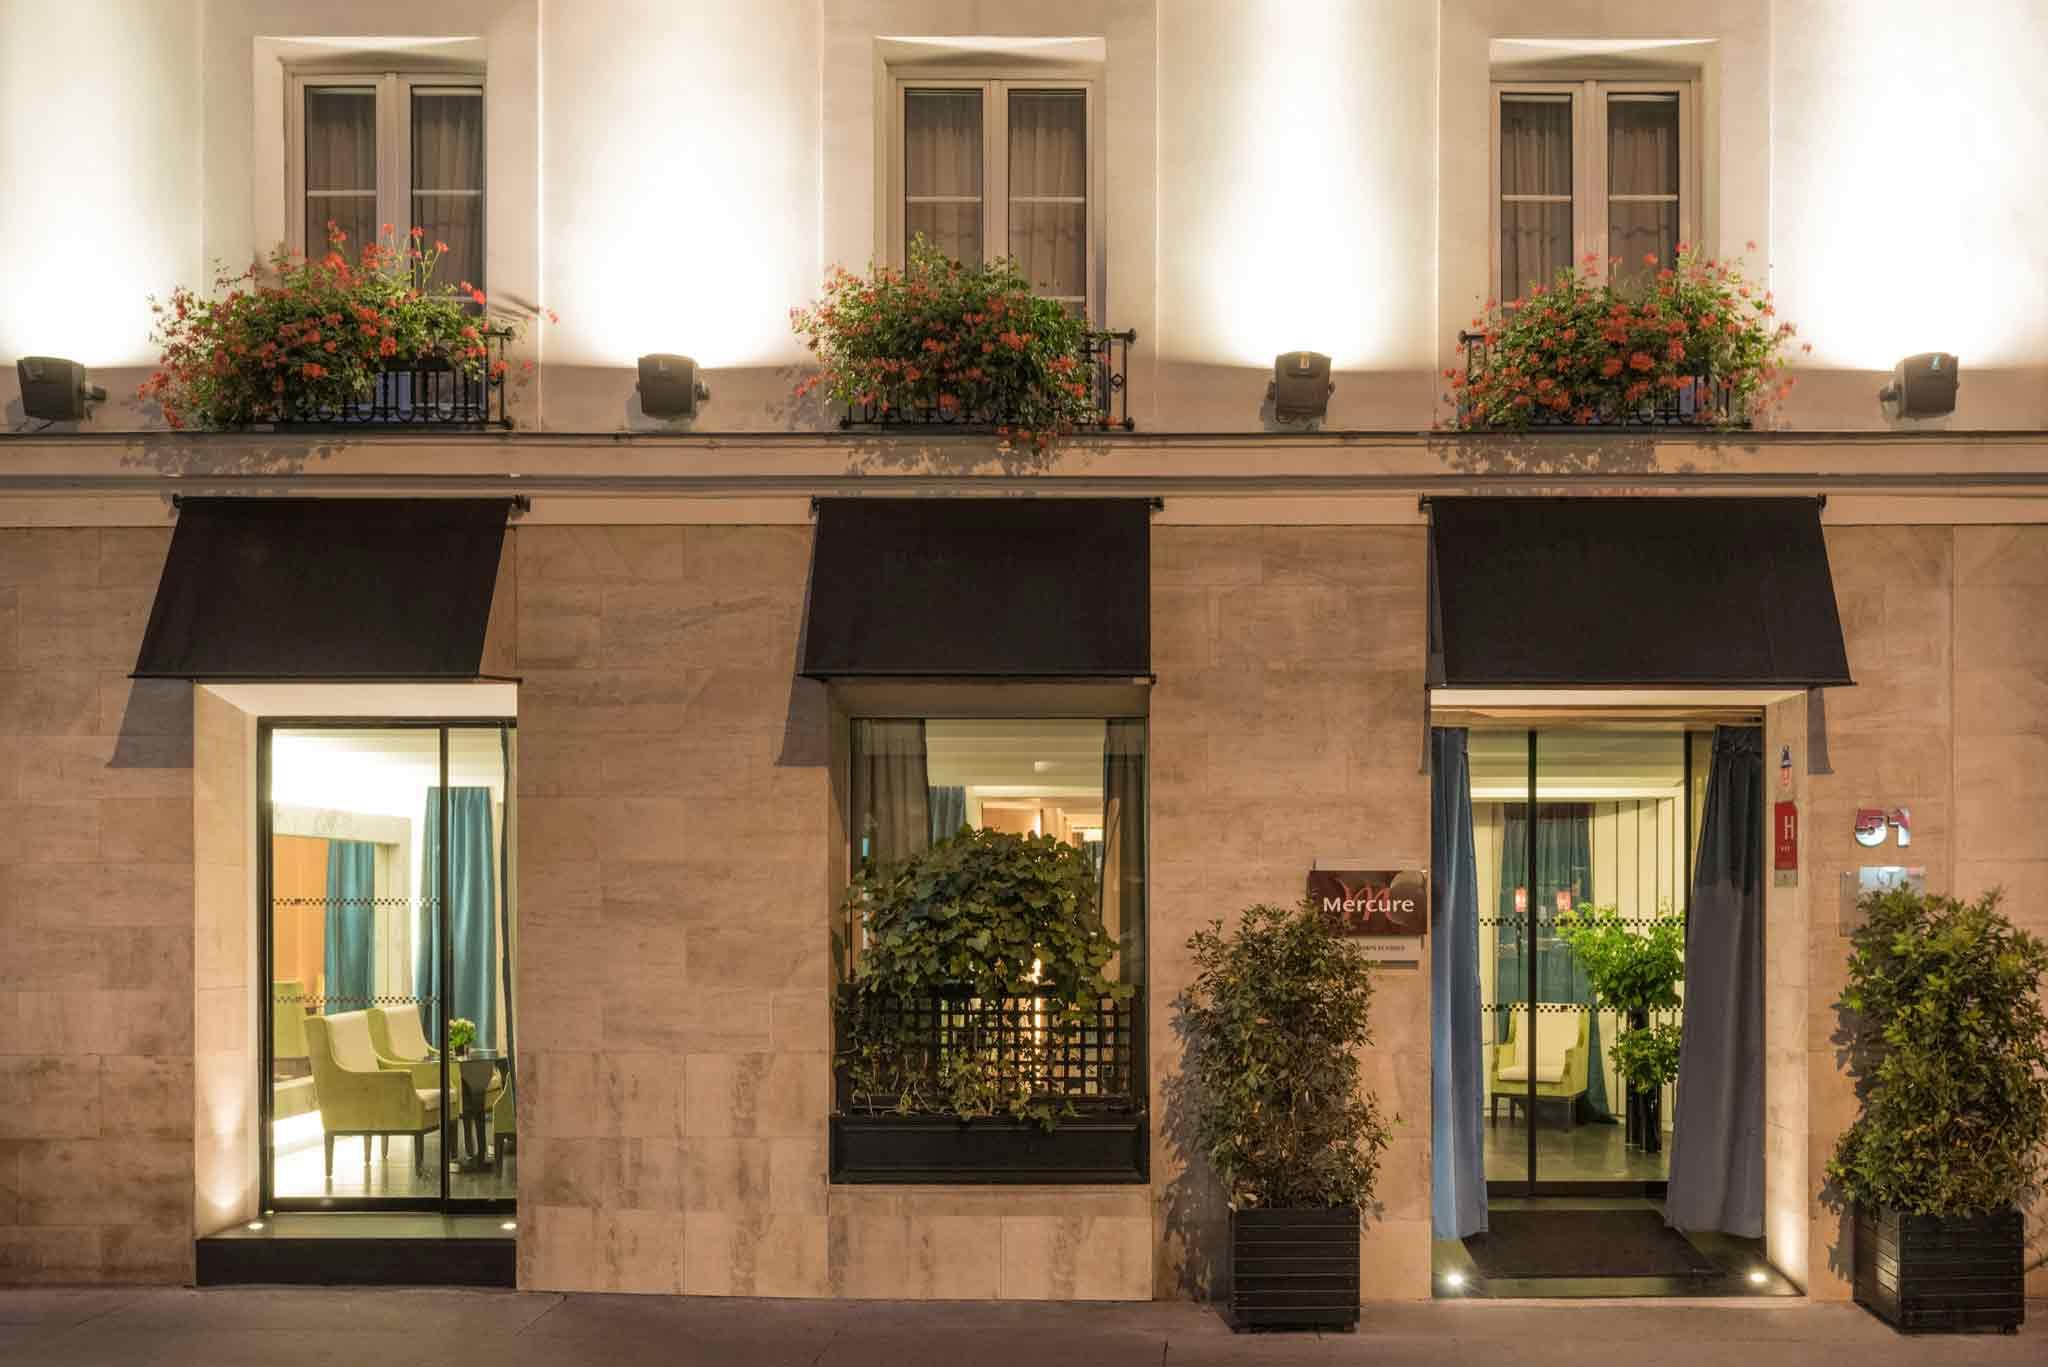 Hotel - Mercure Paris Champs Elysées Hotel